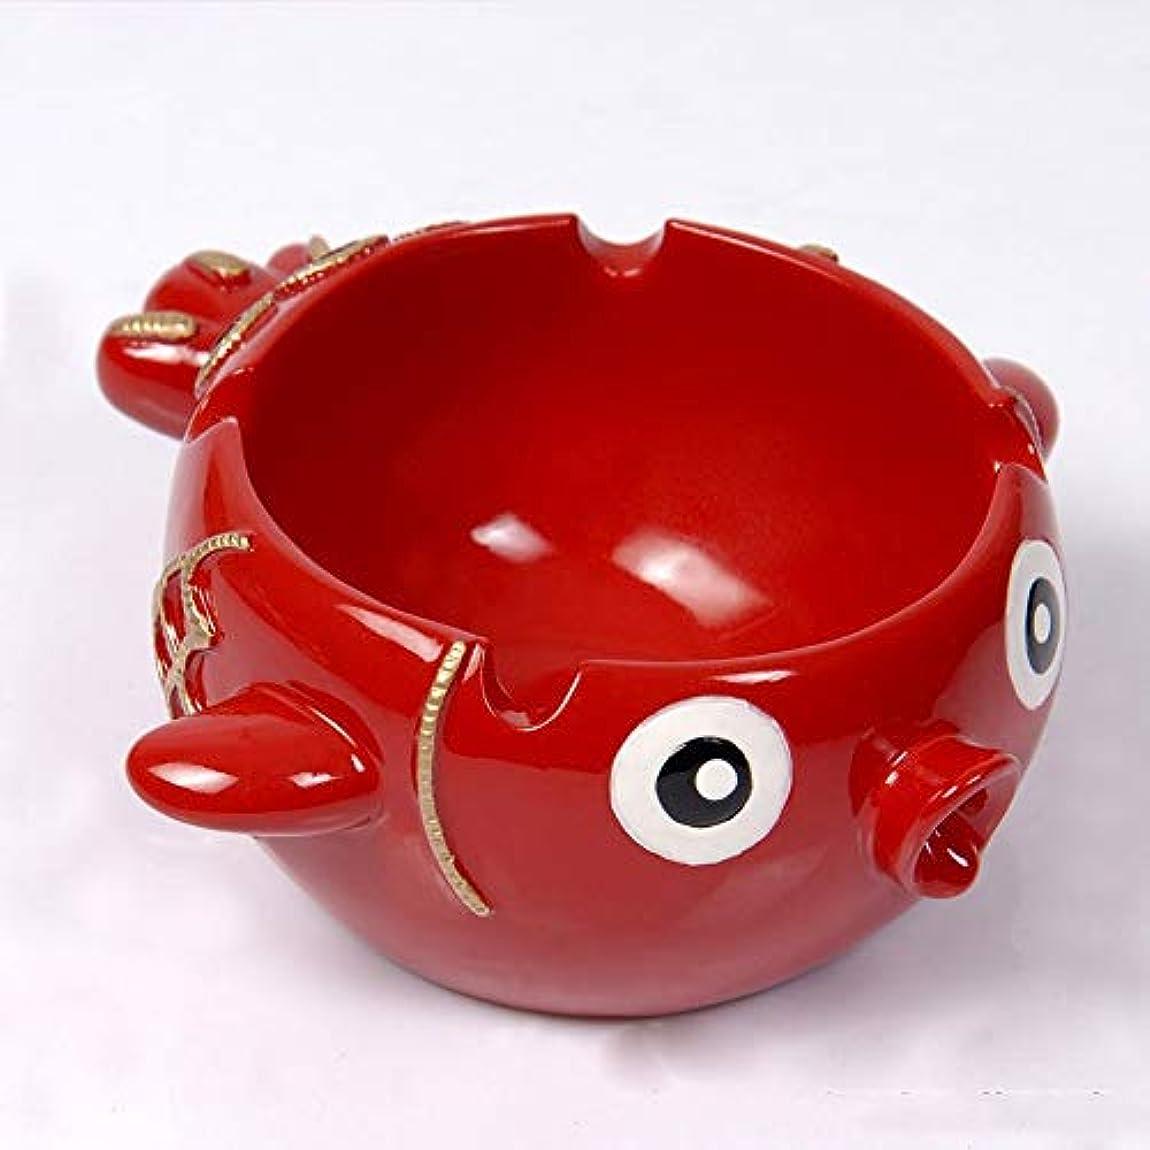 担保習熟度ファイタータバコ、ギフトおよび総本店の装飾のための灰皿の円形の光沢のある樹脂の灰皿